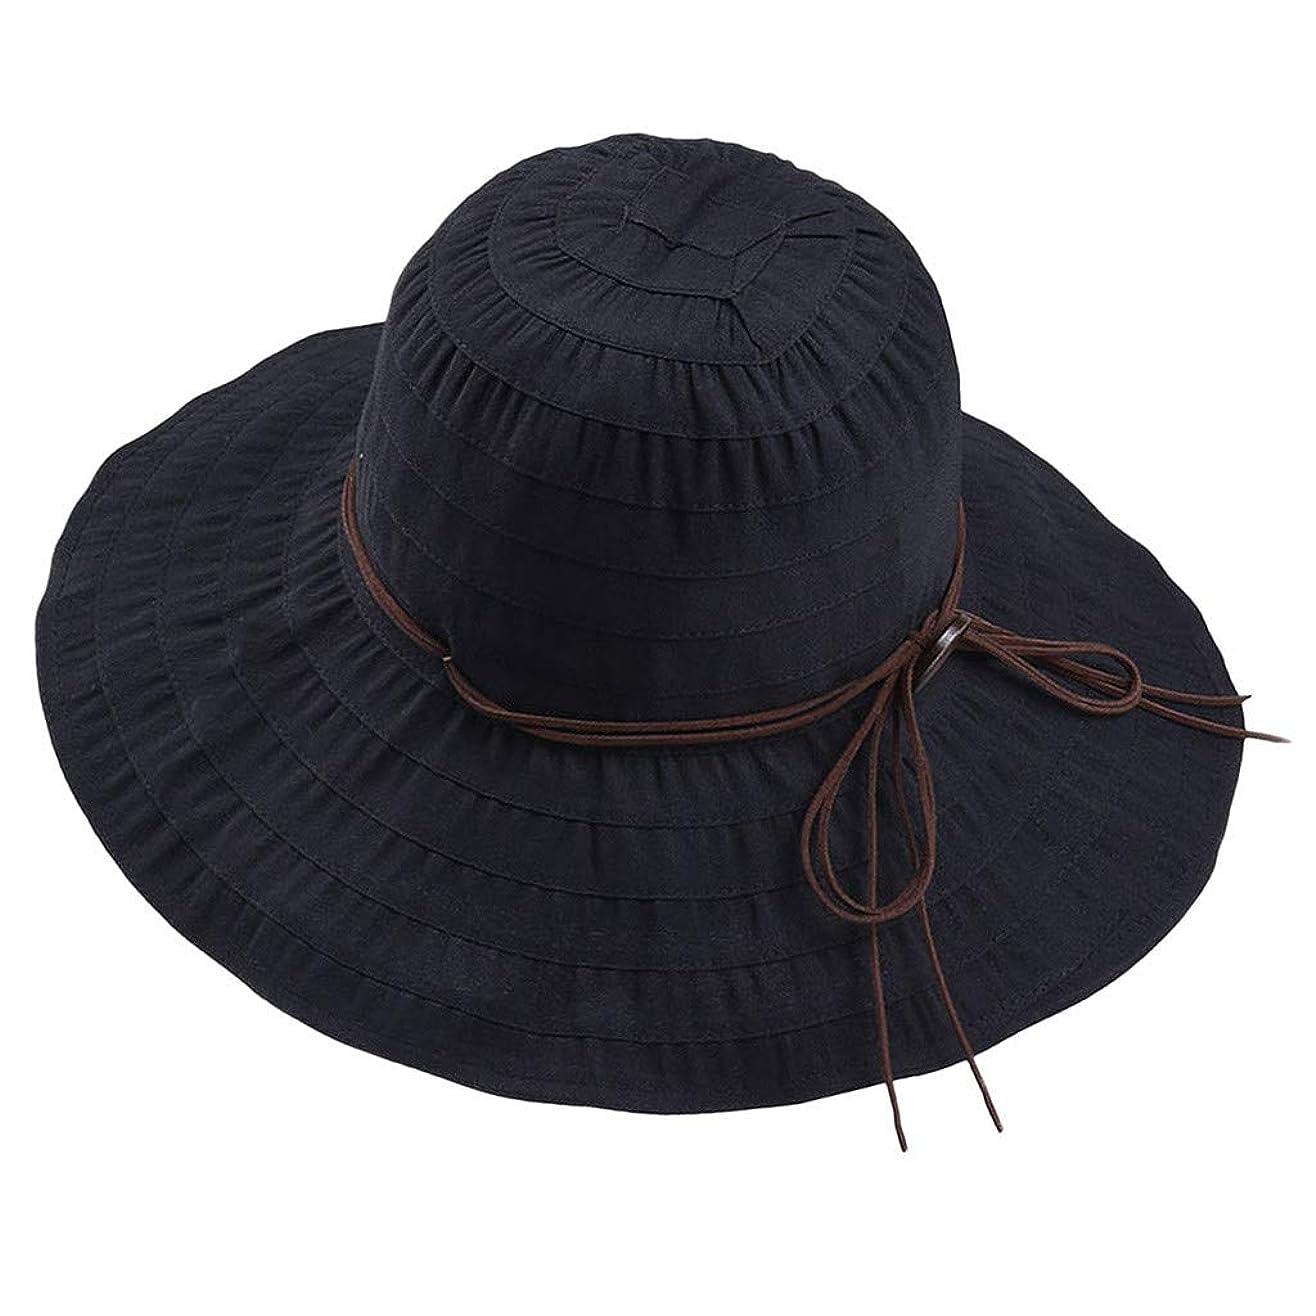 純粋なキャプテンブライ時々UVカット 帽子 レディース ROSE ROMAN UV 100% カット つば広 漁師帽 夏 UVカット 帽子 ビーチ 紫外線対策 日焼け防止 日焼け 旅行用 日よけ 小顔効果 折りたたみ 海 旅行 ハットストレッチャー 帽子 ハンガー